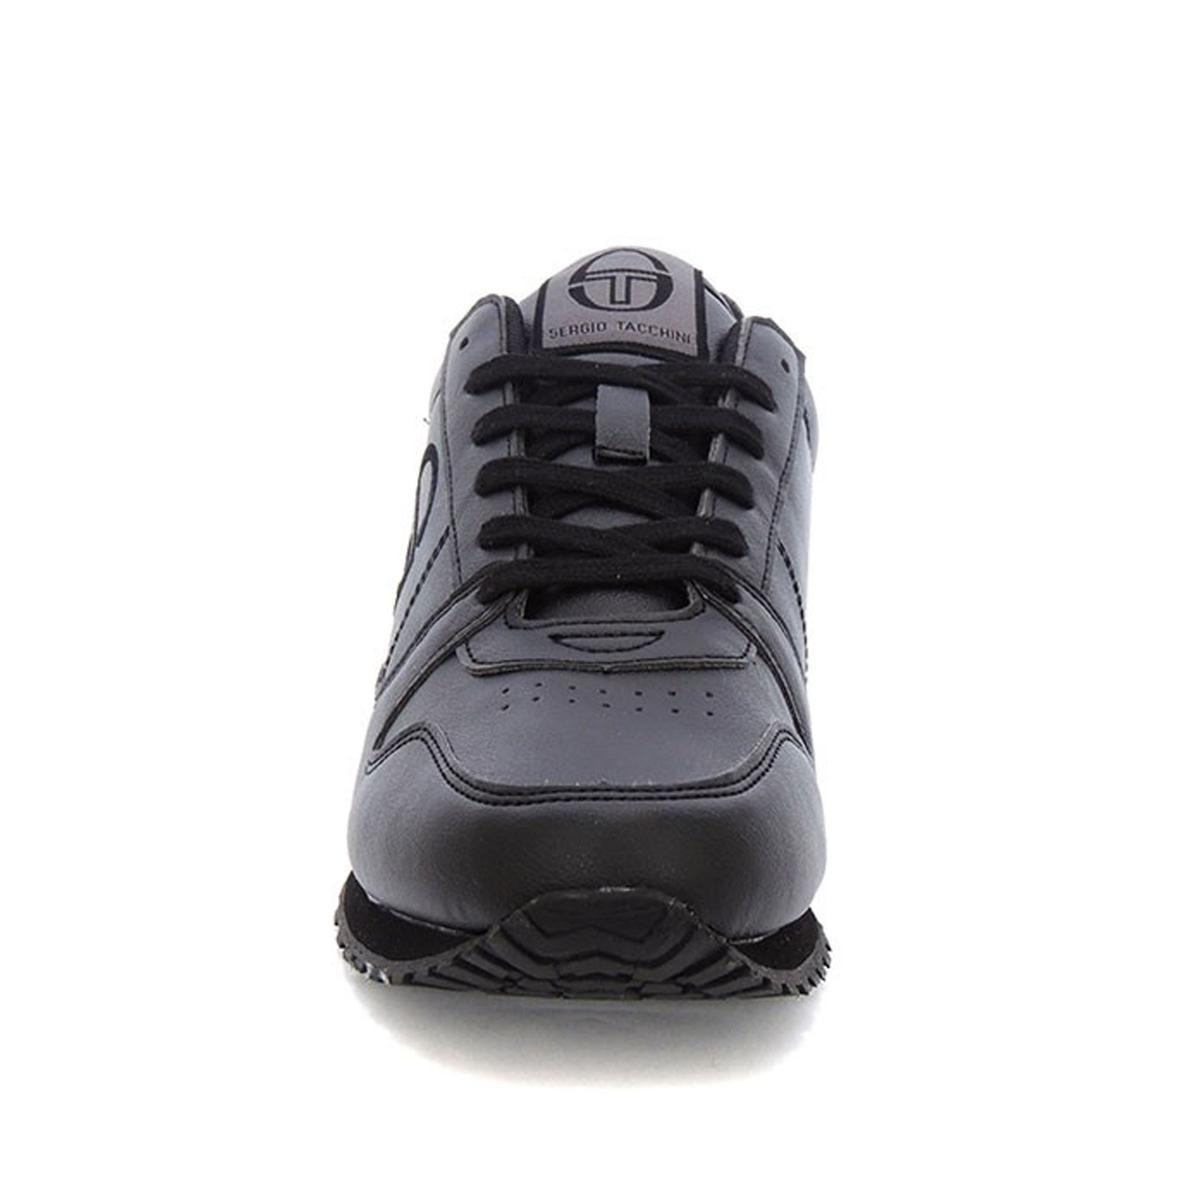 Scarpe Sneakers Sergio Tacchini SUGAR LTX con logo da uomo rif. STM923105